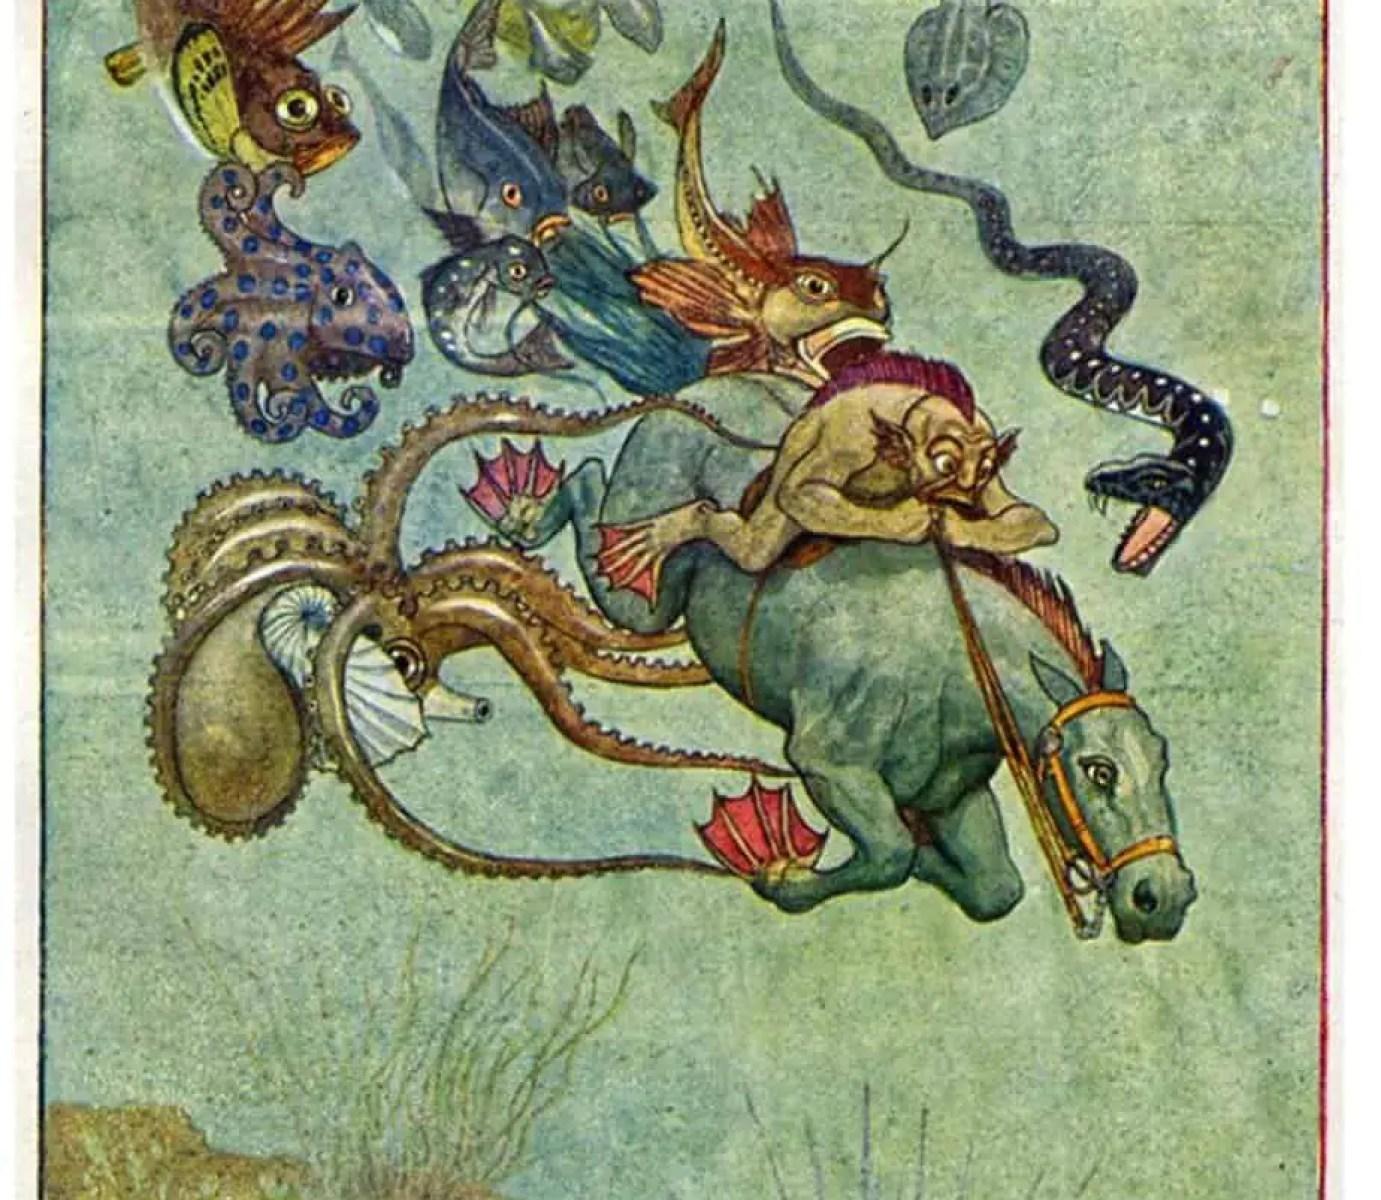 Early-twentieth century illustrations by Artuš Scheiner (1863 – 1938) riding horse underwater